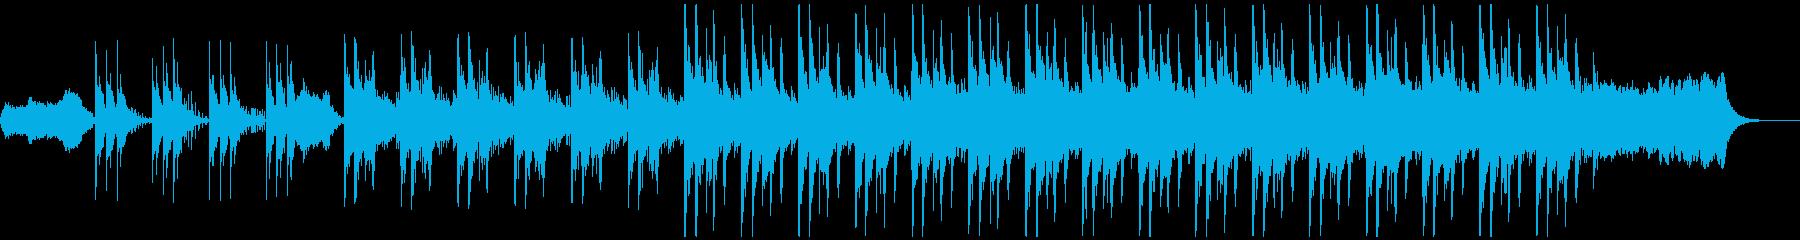 冷静さが感じられる知的なイメージの曲の再生済みの波形